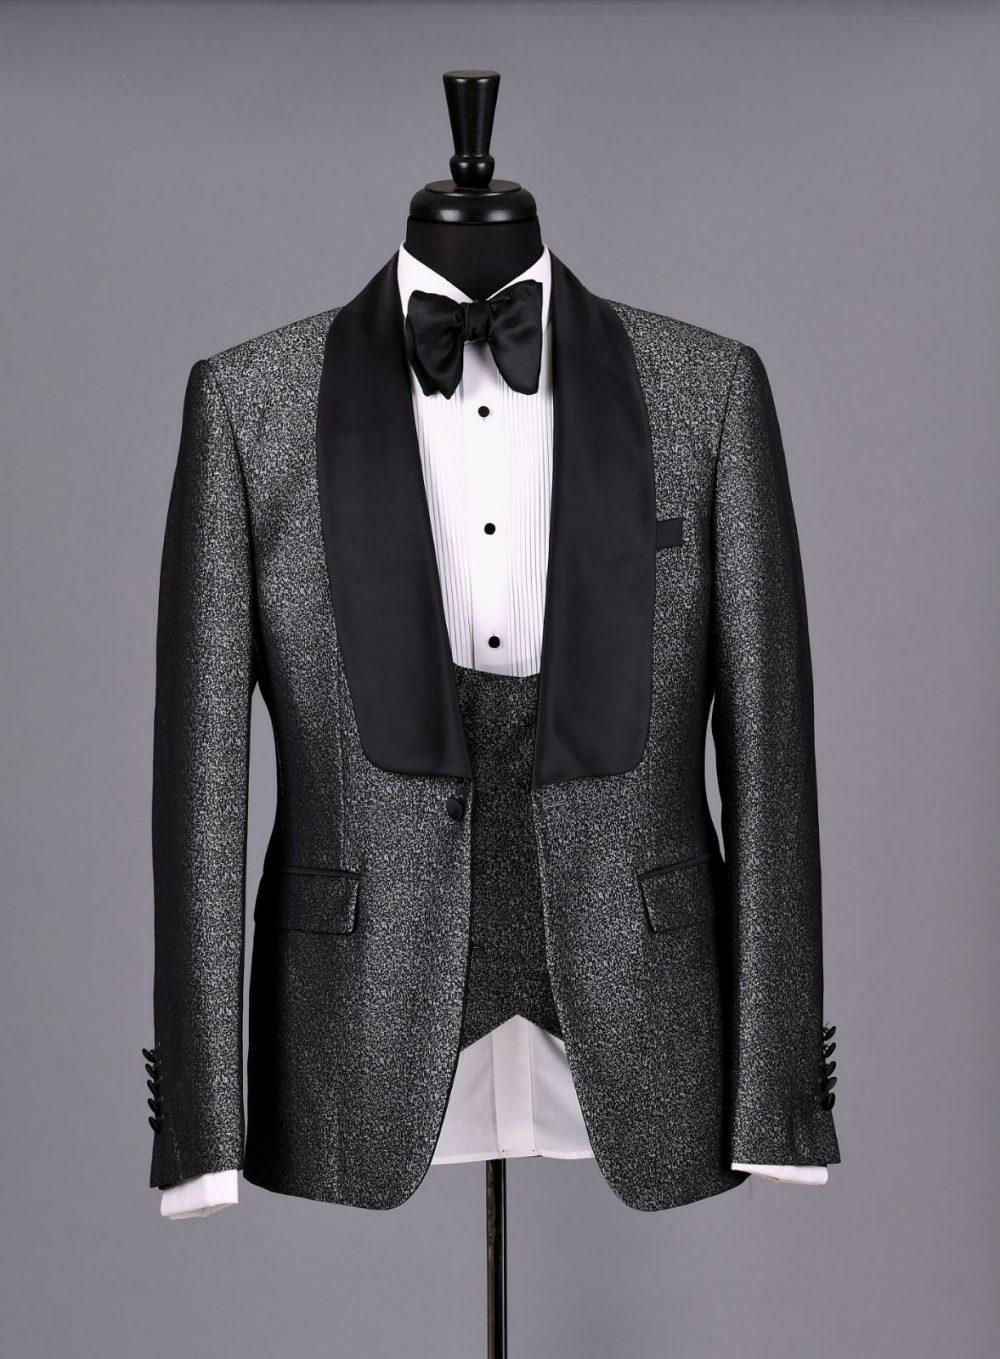 The Caldwell Silver Grey Tuxedo